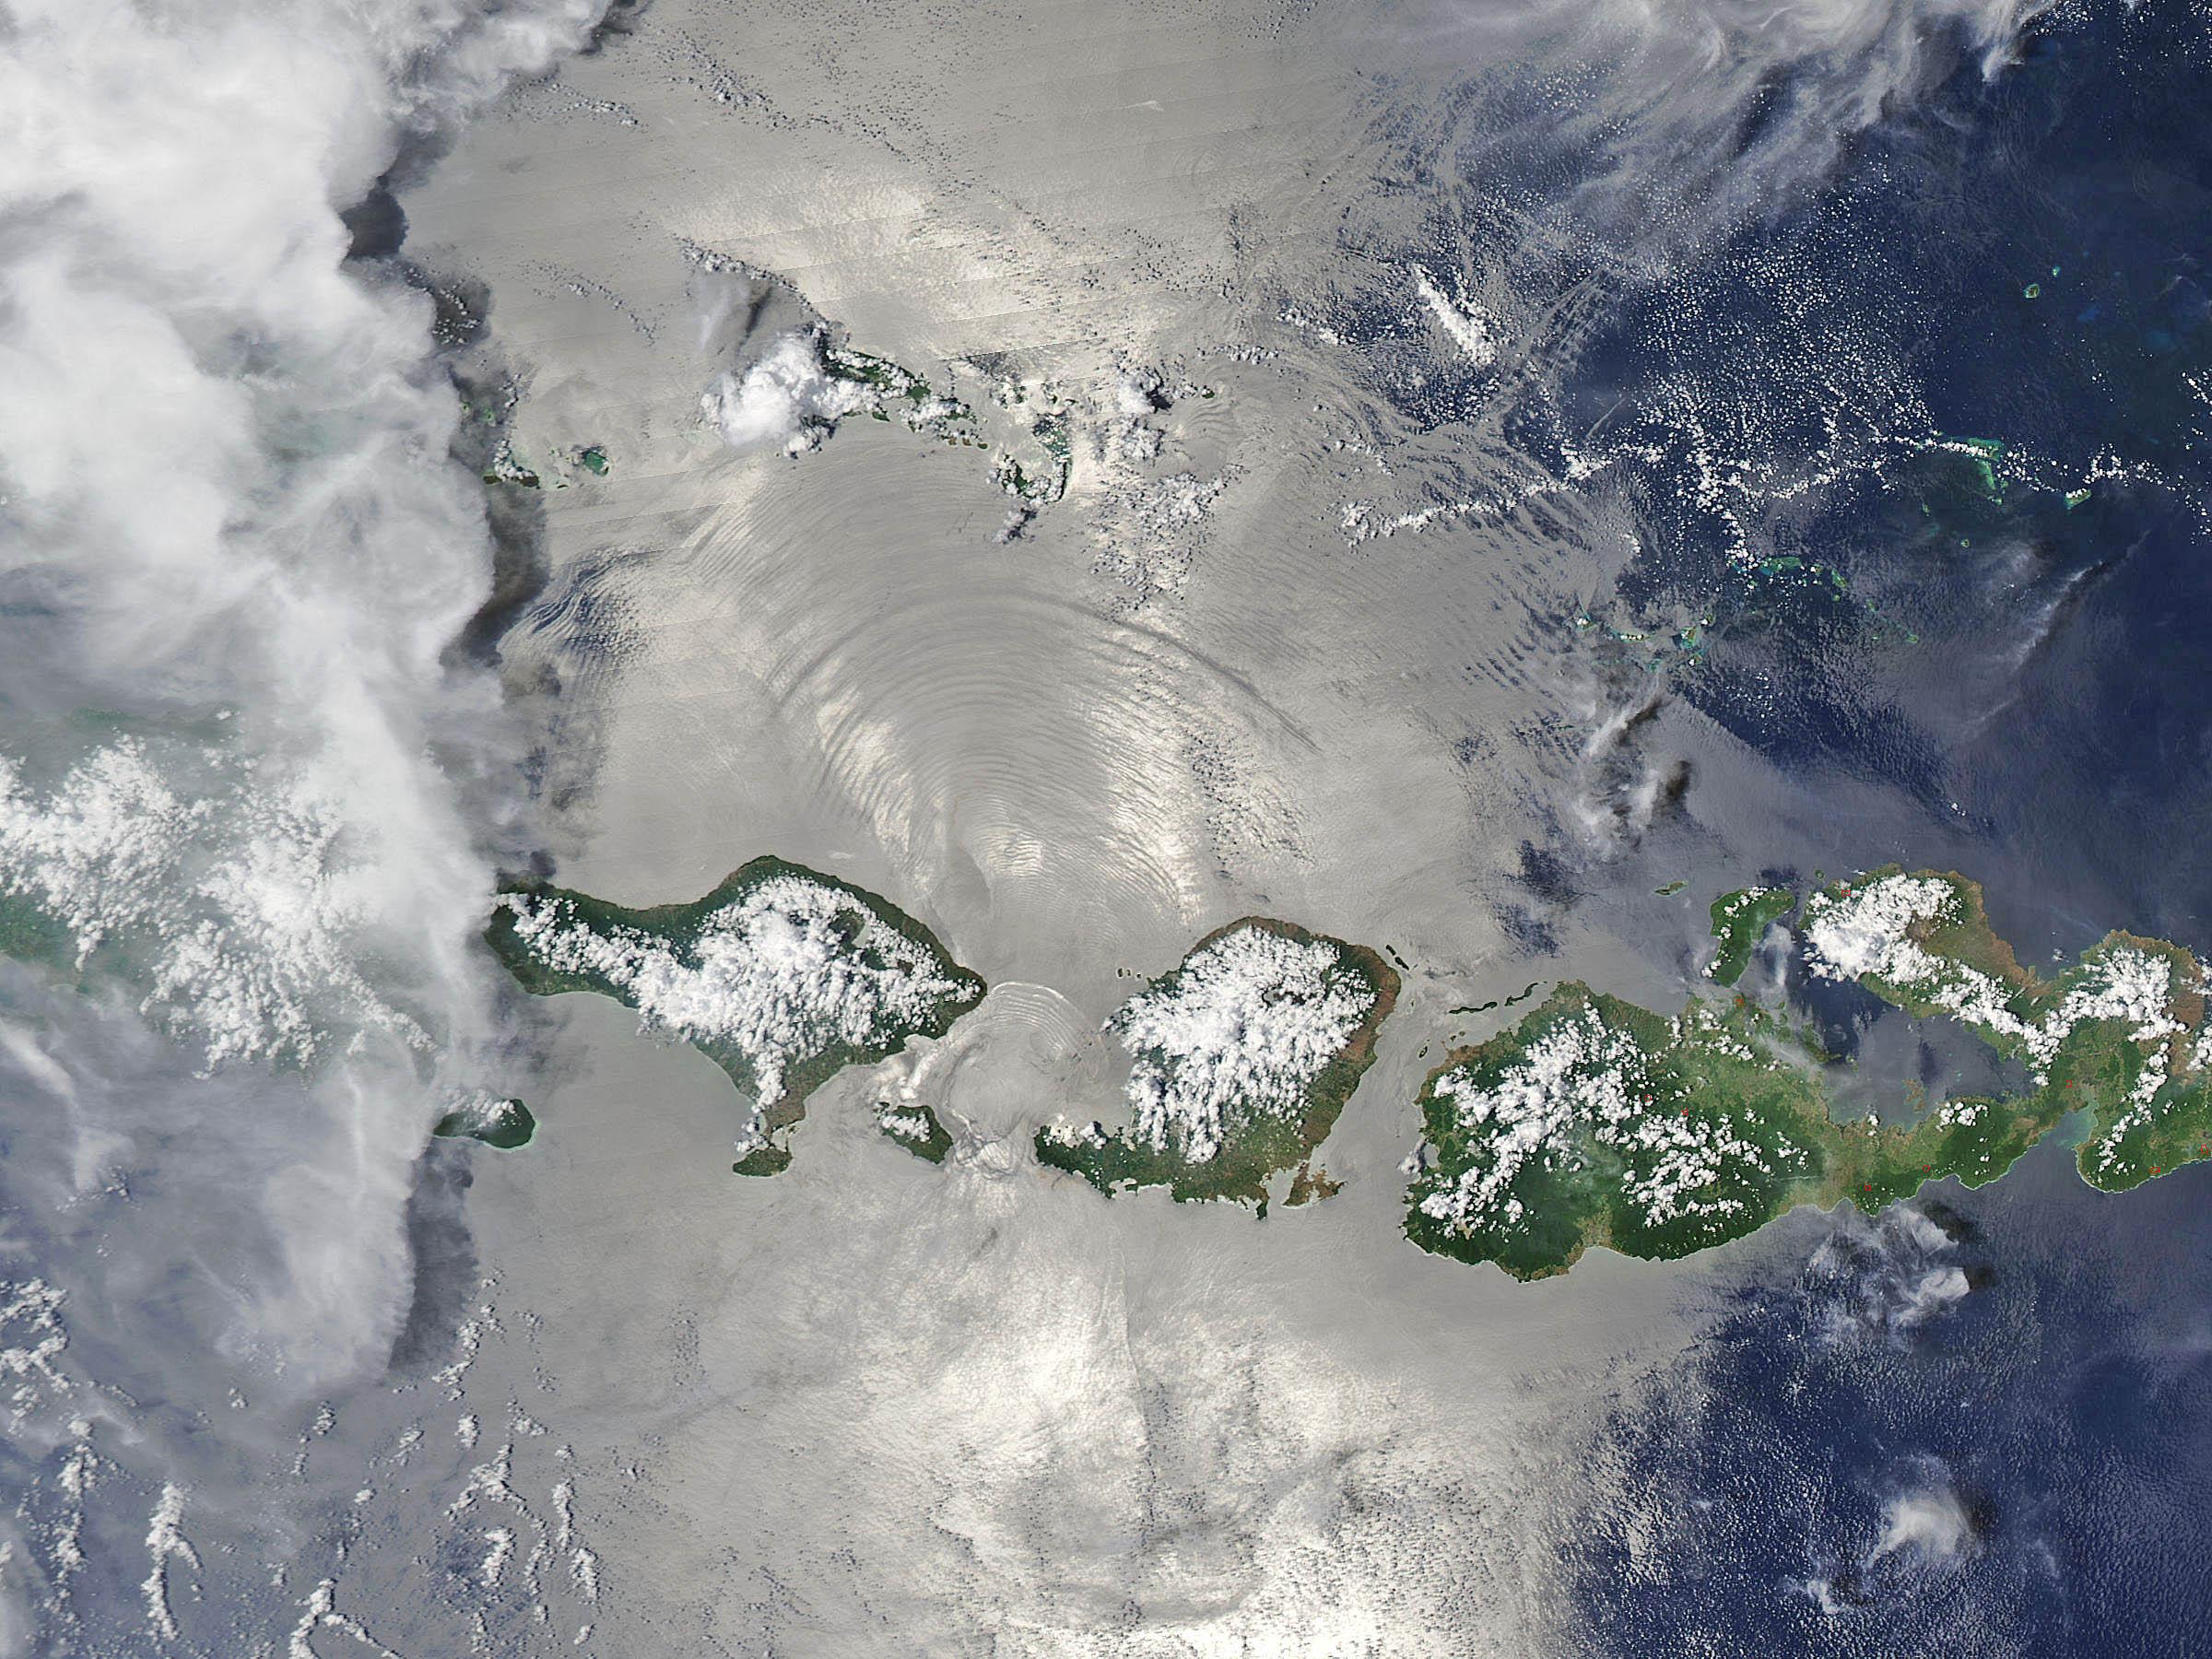 Lombok Strait nonlinear waves